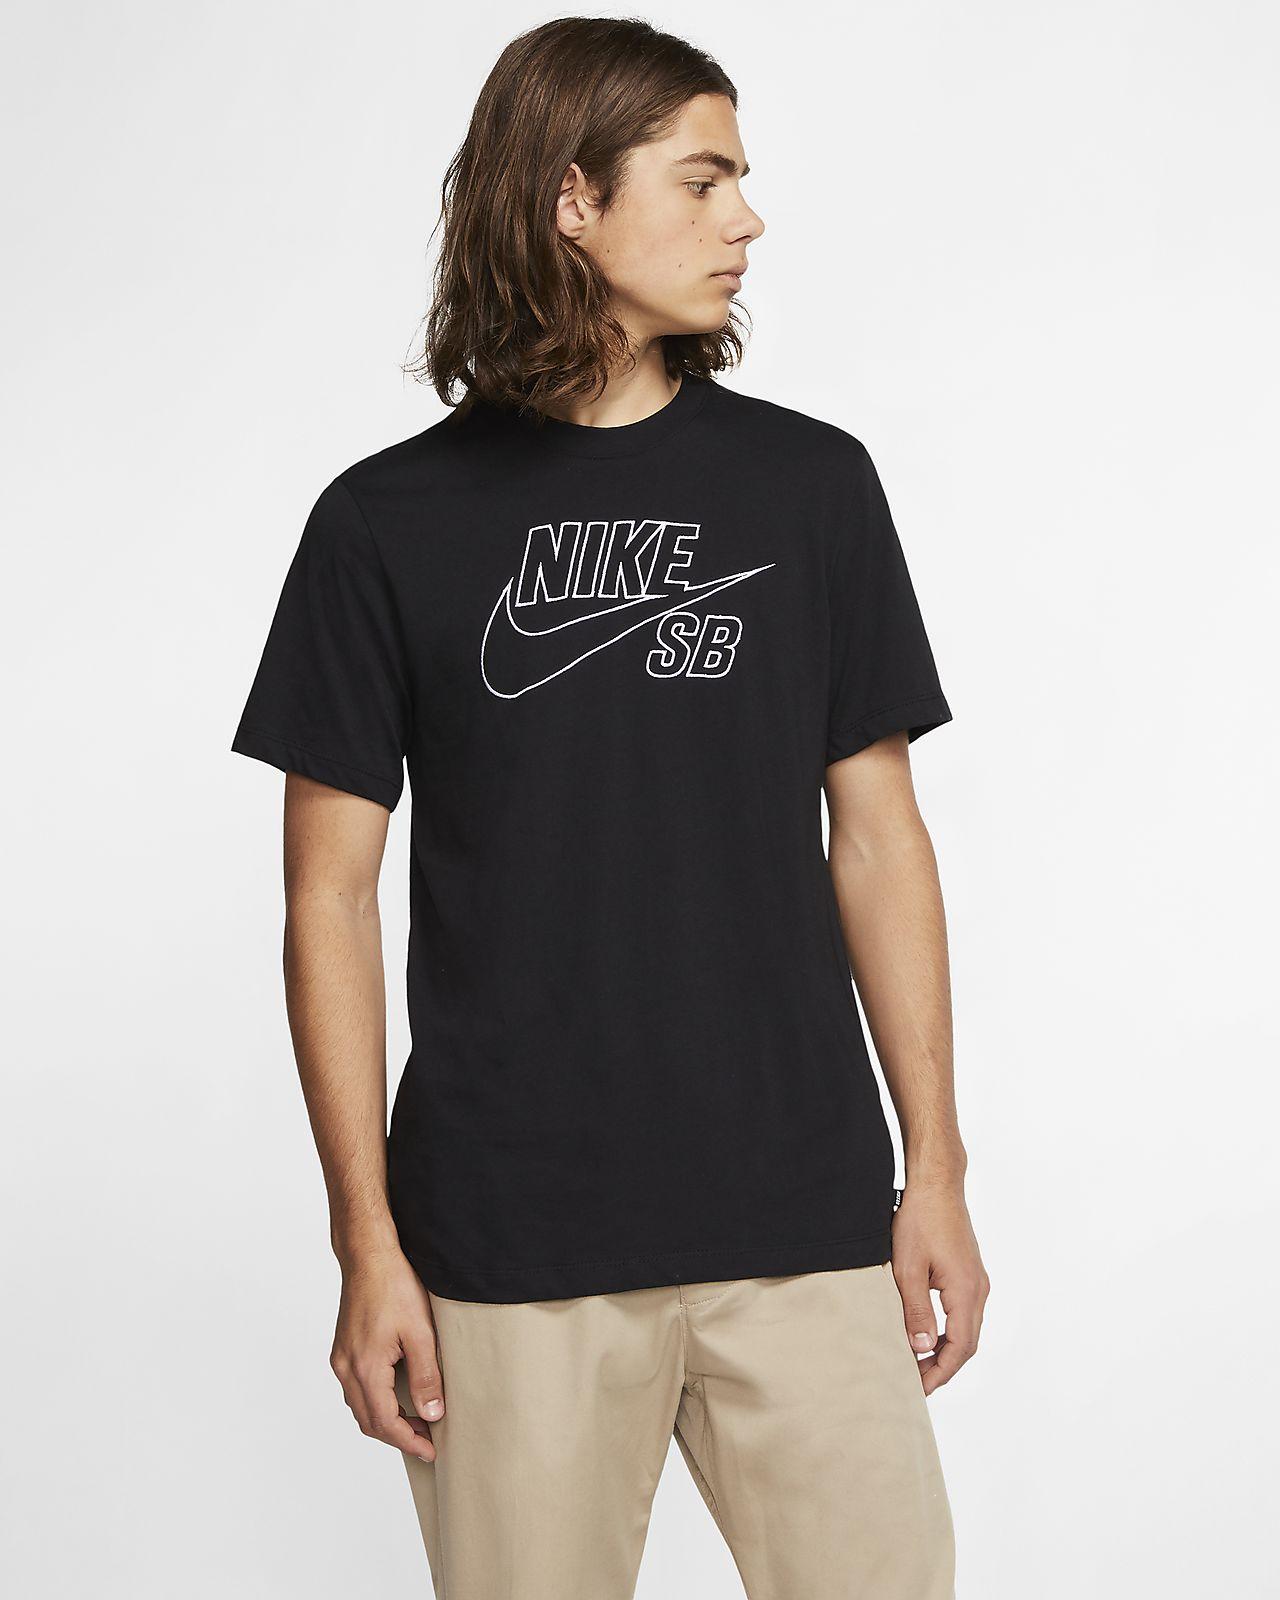 T shirt da skateboard con logo Nike SB Uomo